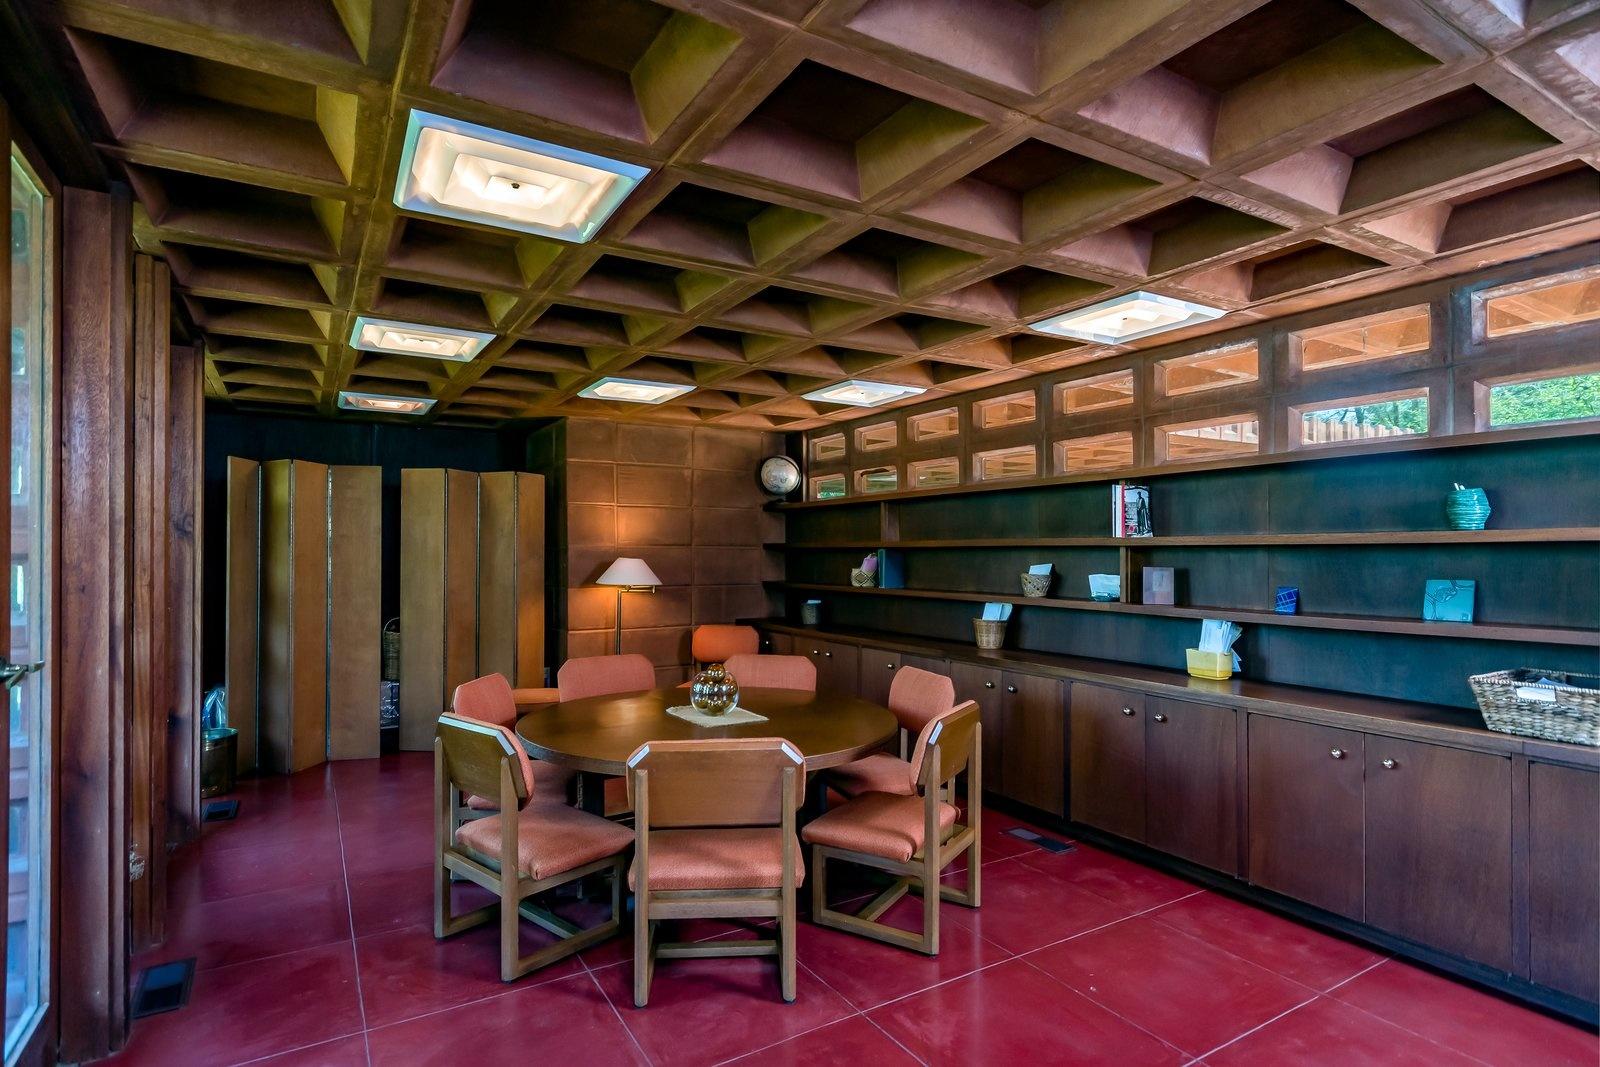 В Сент-Луисе продается дом по проекту Фрэнка Ллойда Райта (галерея 11, фото 4)